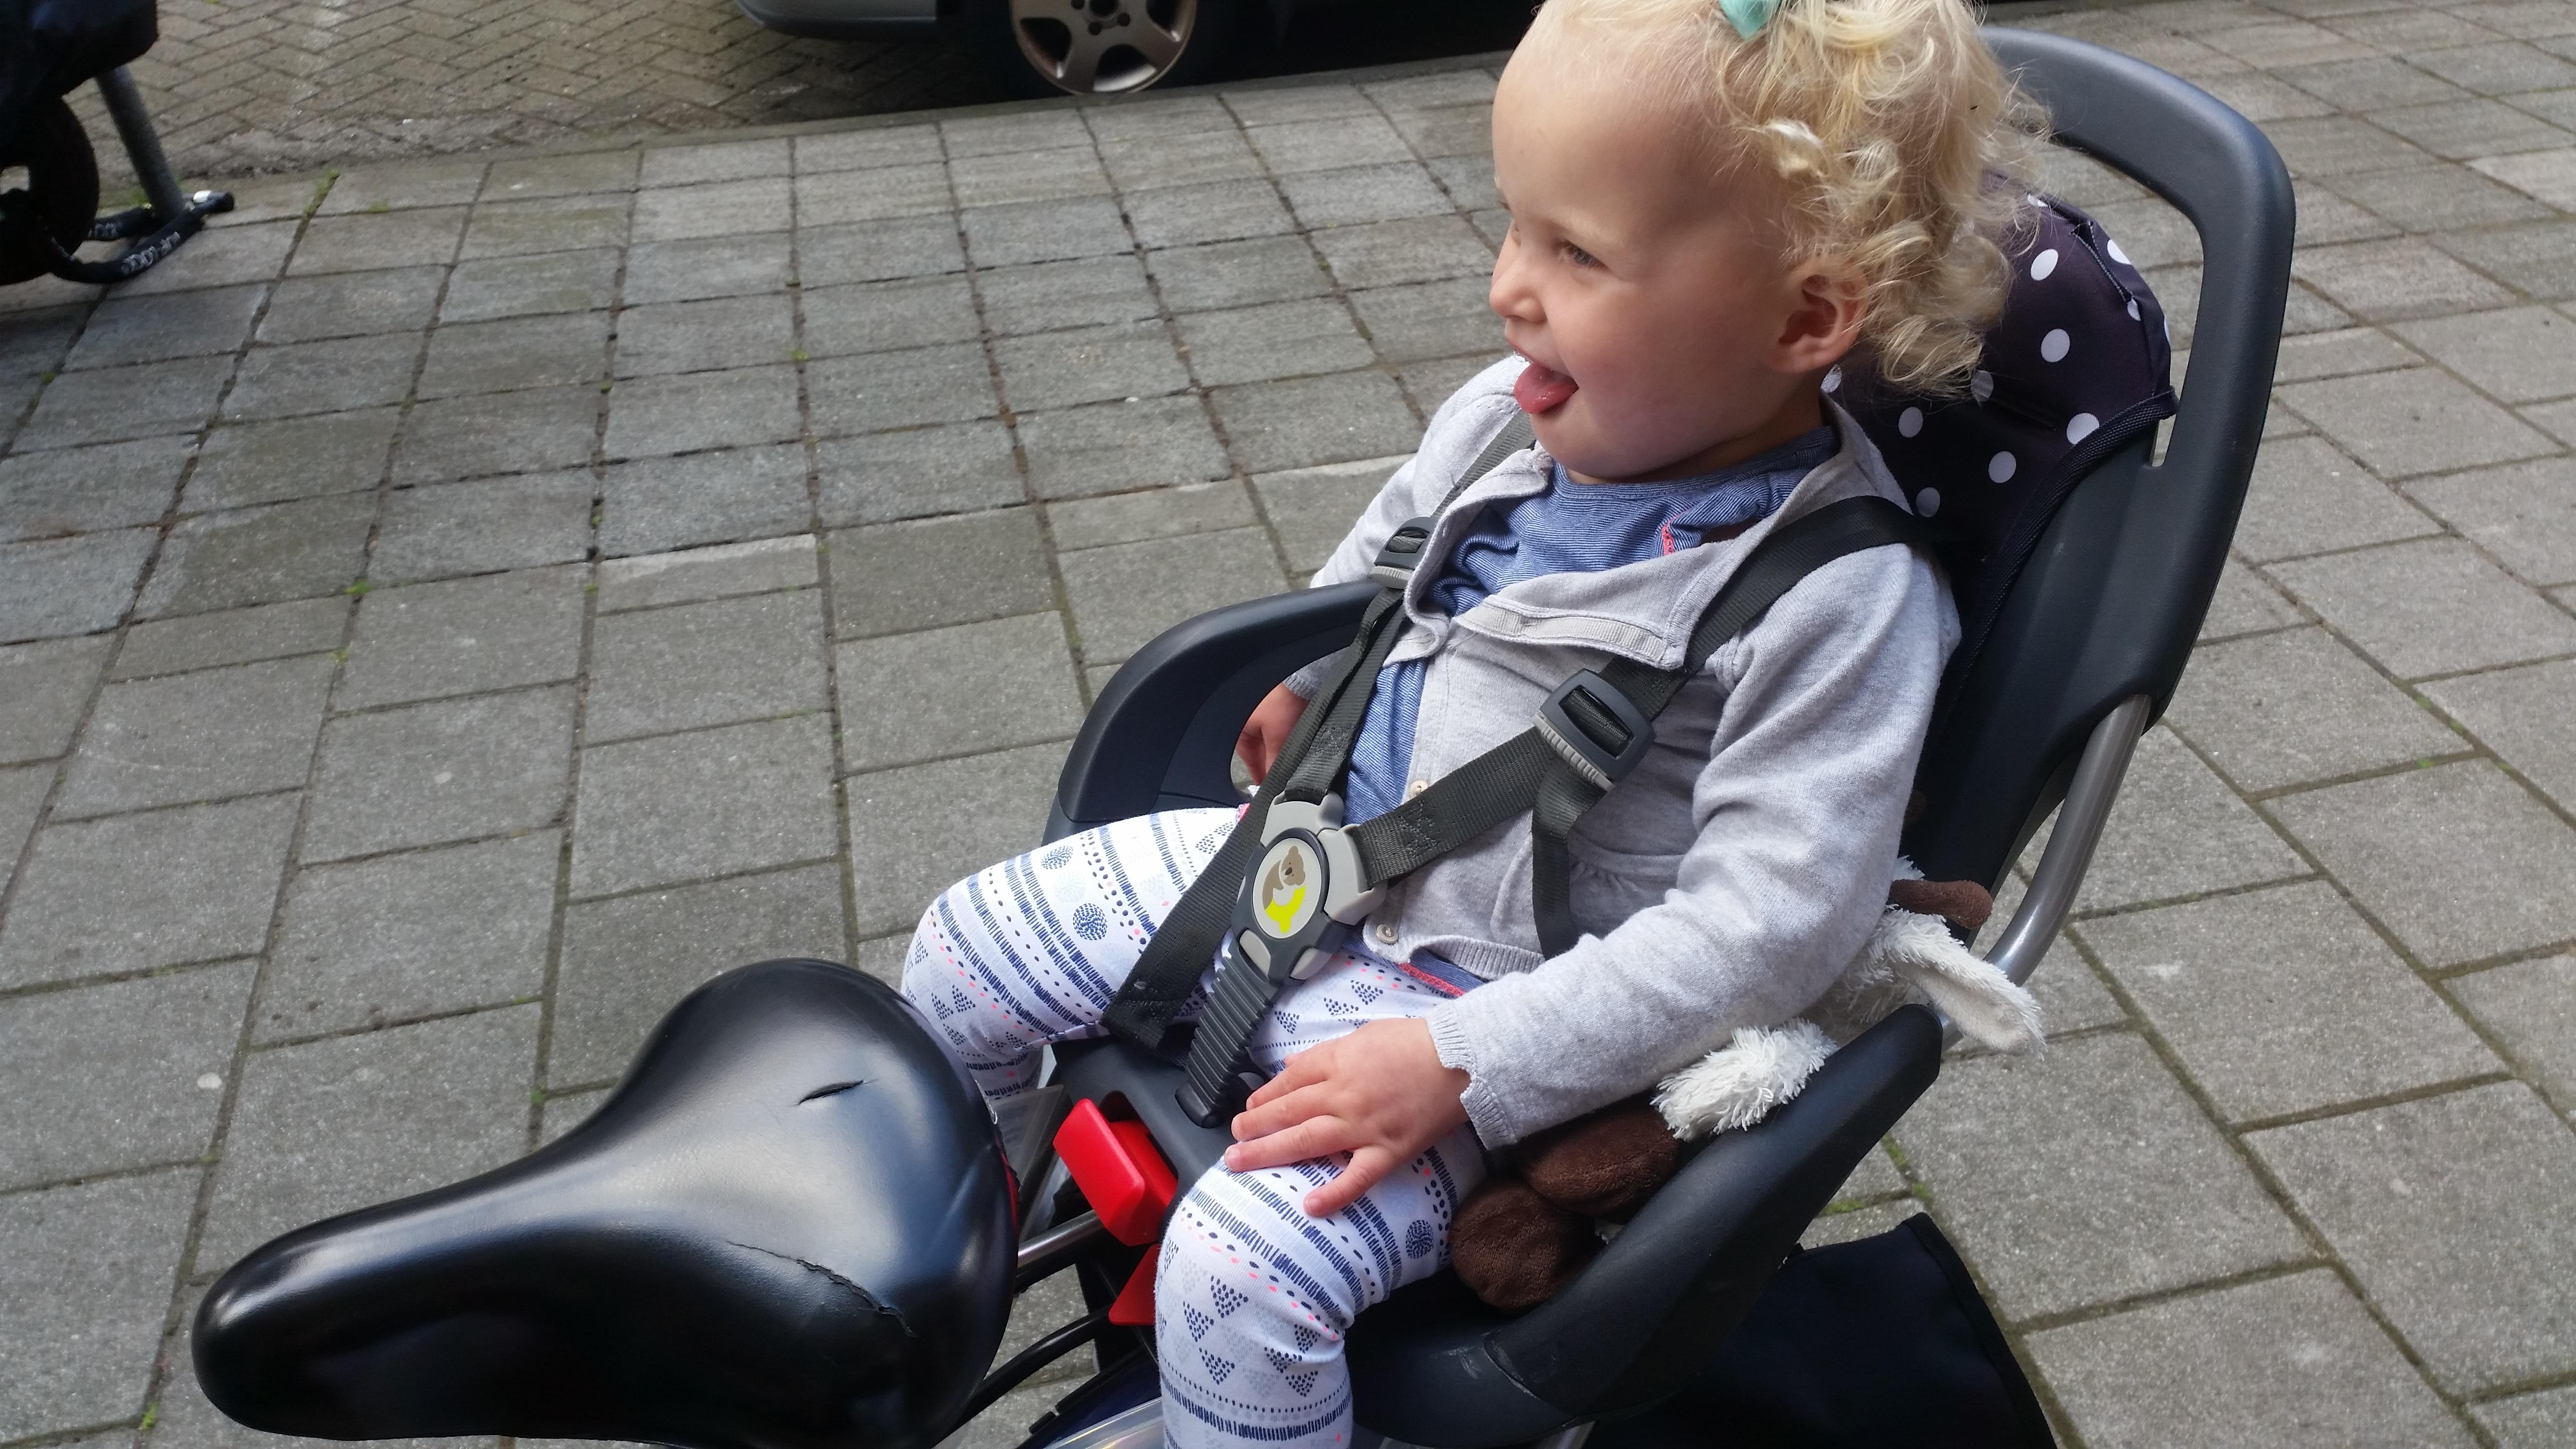 7-16-qibbel-fietszitje-fietsen-baby-kind-fietsstoeltje-achter-ligstand-liggen-slapen-regen-handig-bekleding-mooi-stevig-montage-monteren-nanny-moeder-amsterdam-nola